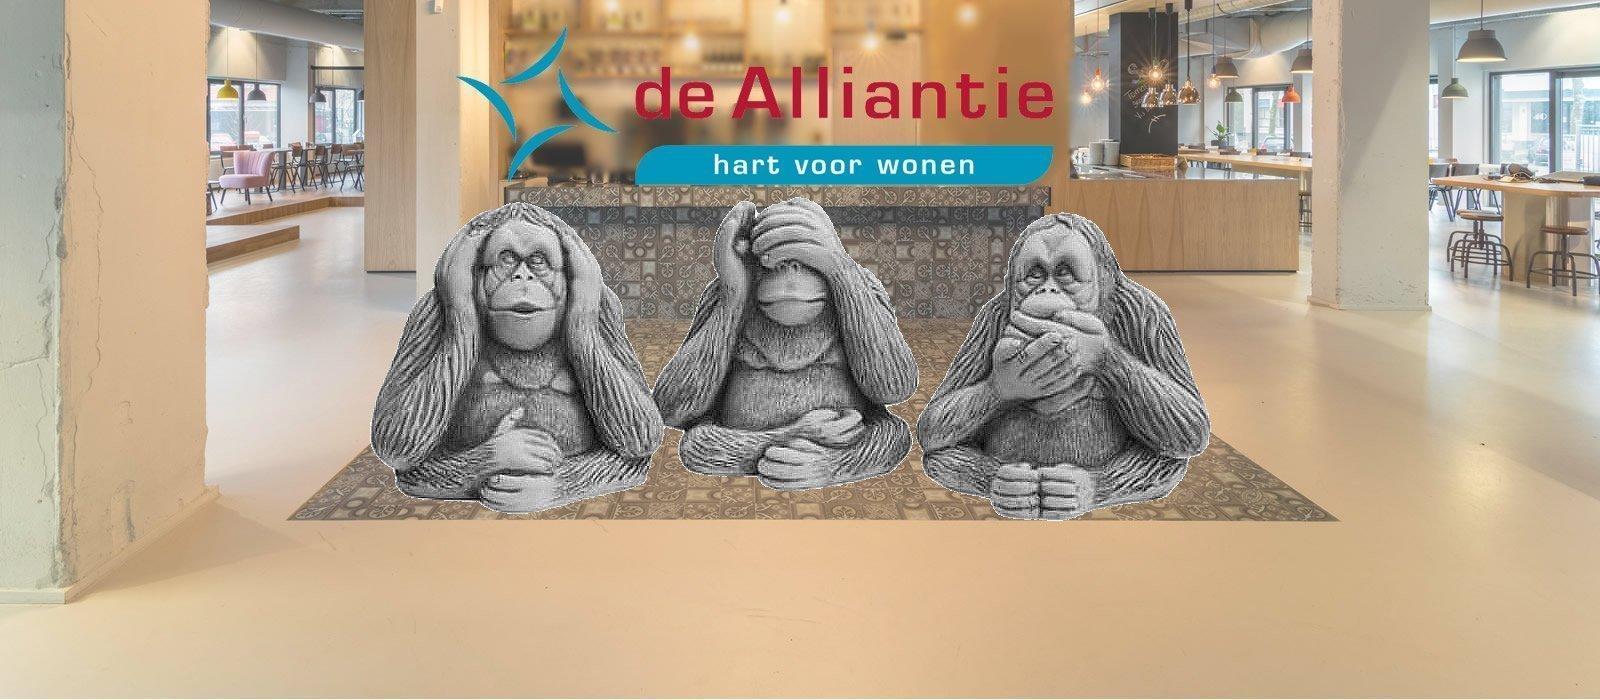 Alliantie weigert uitnodiging bewoners